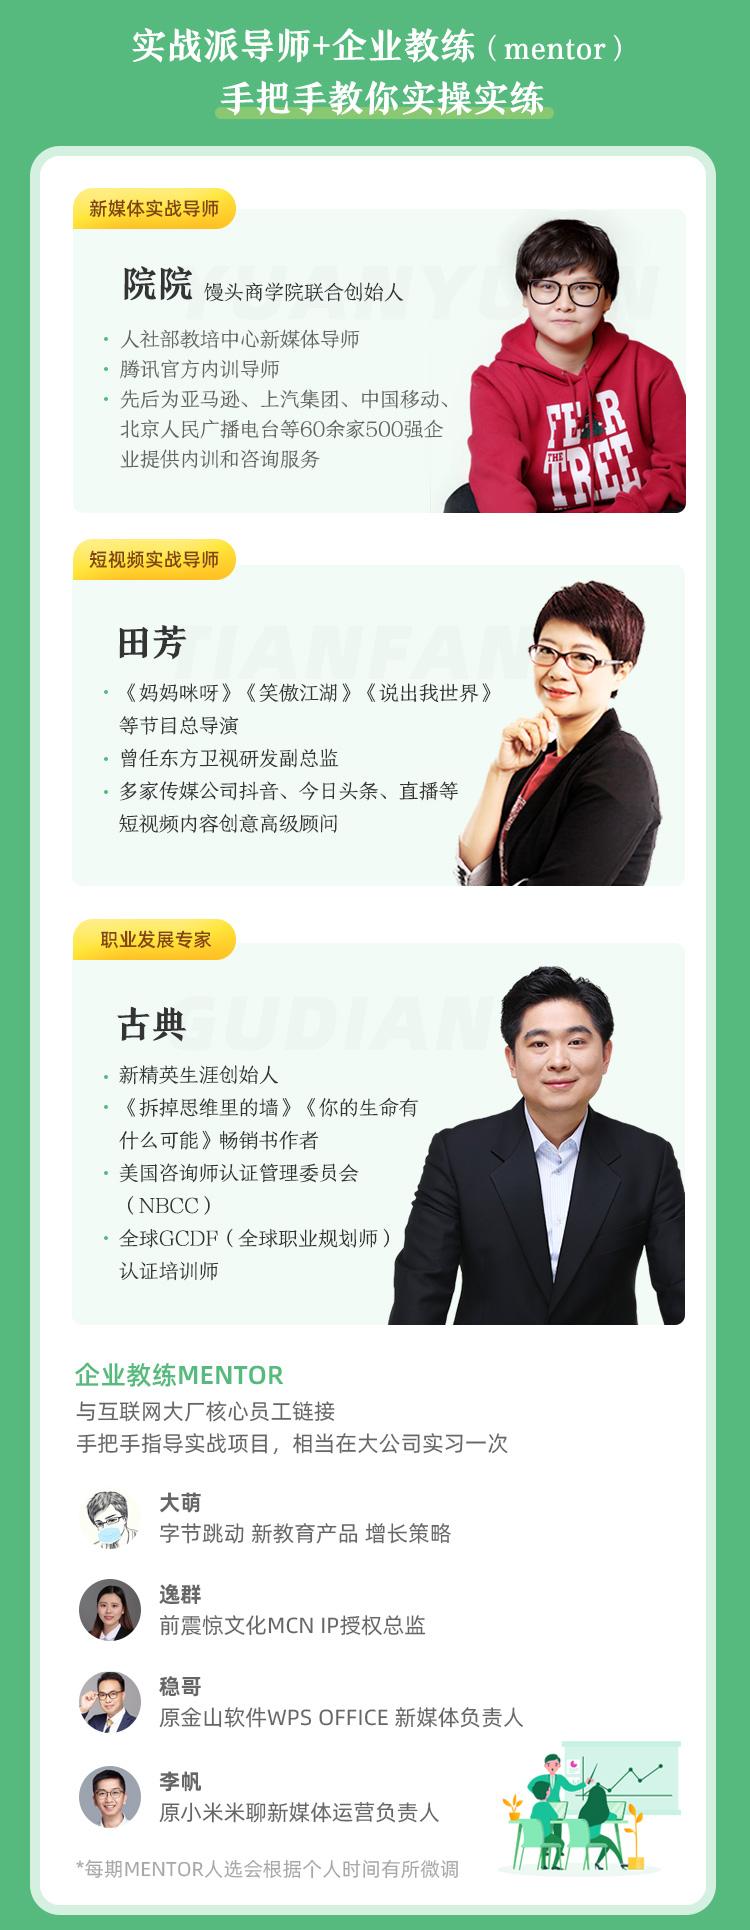 http://mtedu-img.oss-cn-beijing-internal.aliyuncs.com/ueditor/20200705232339_405049.jpg